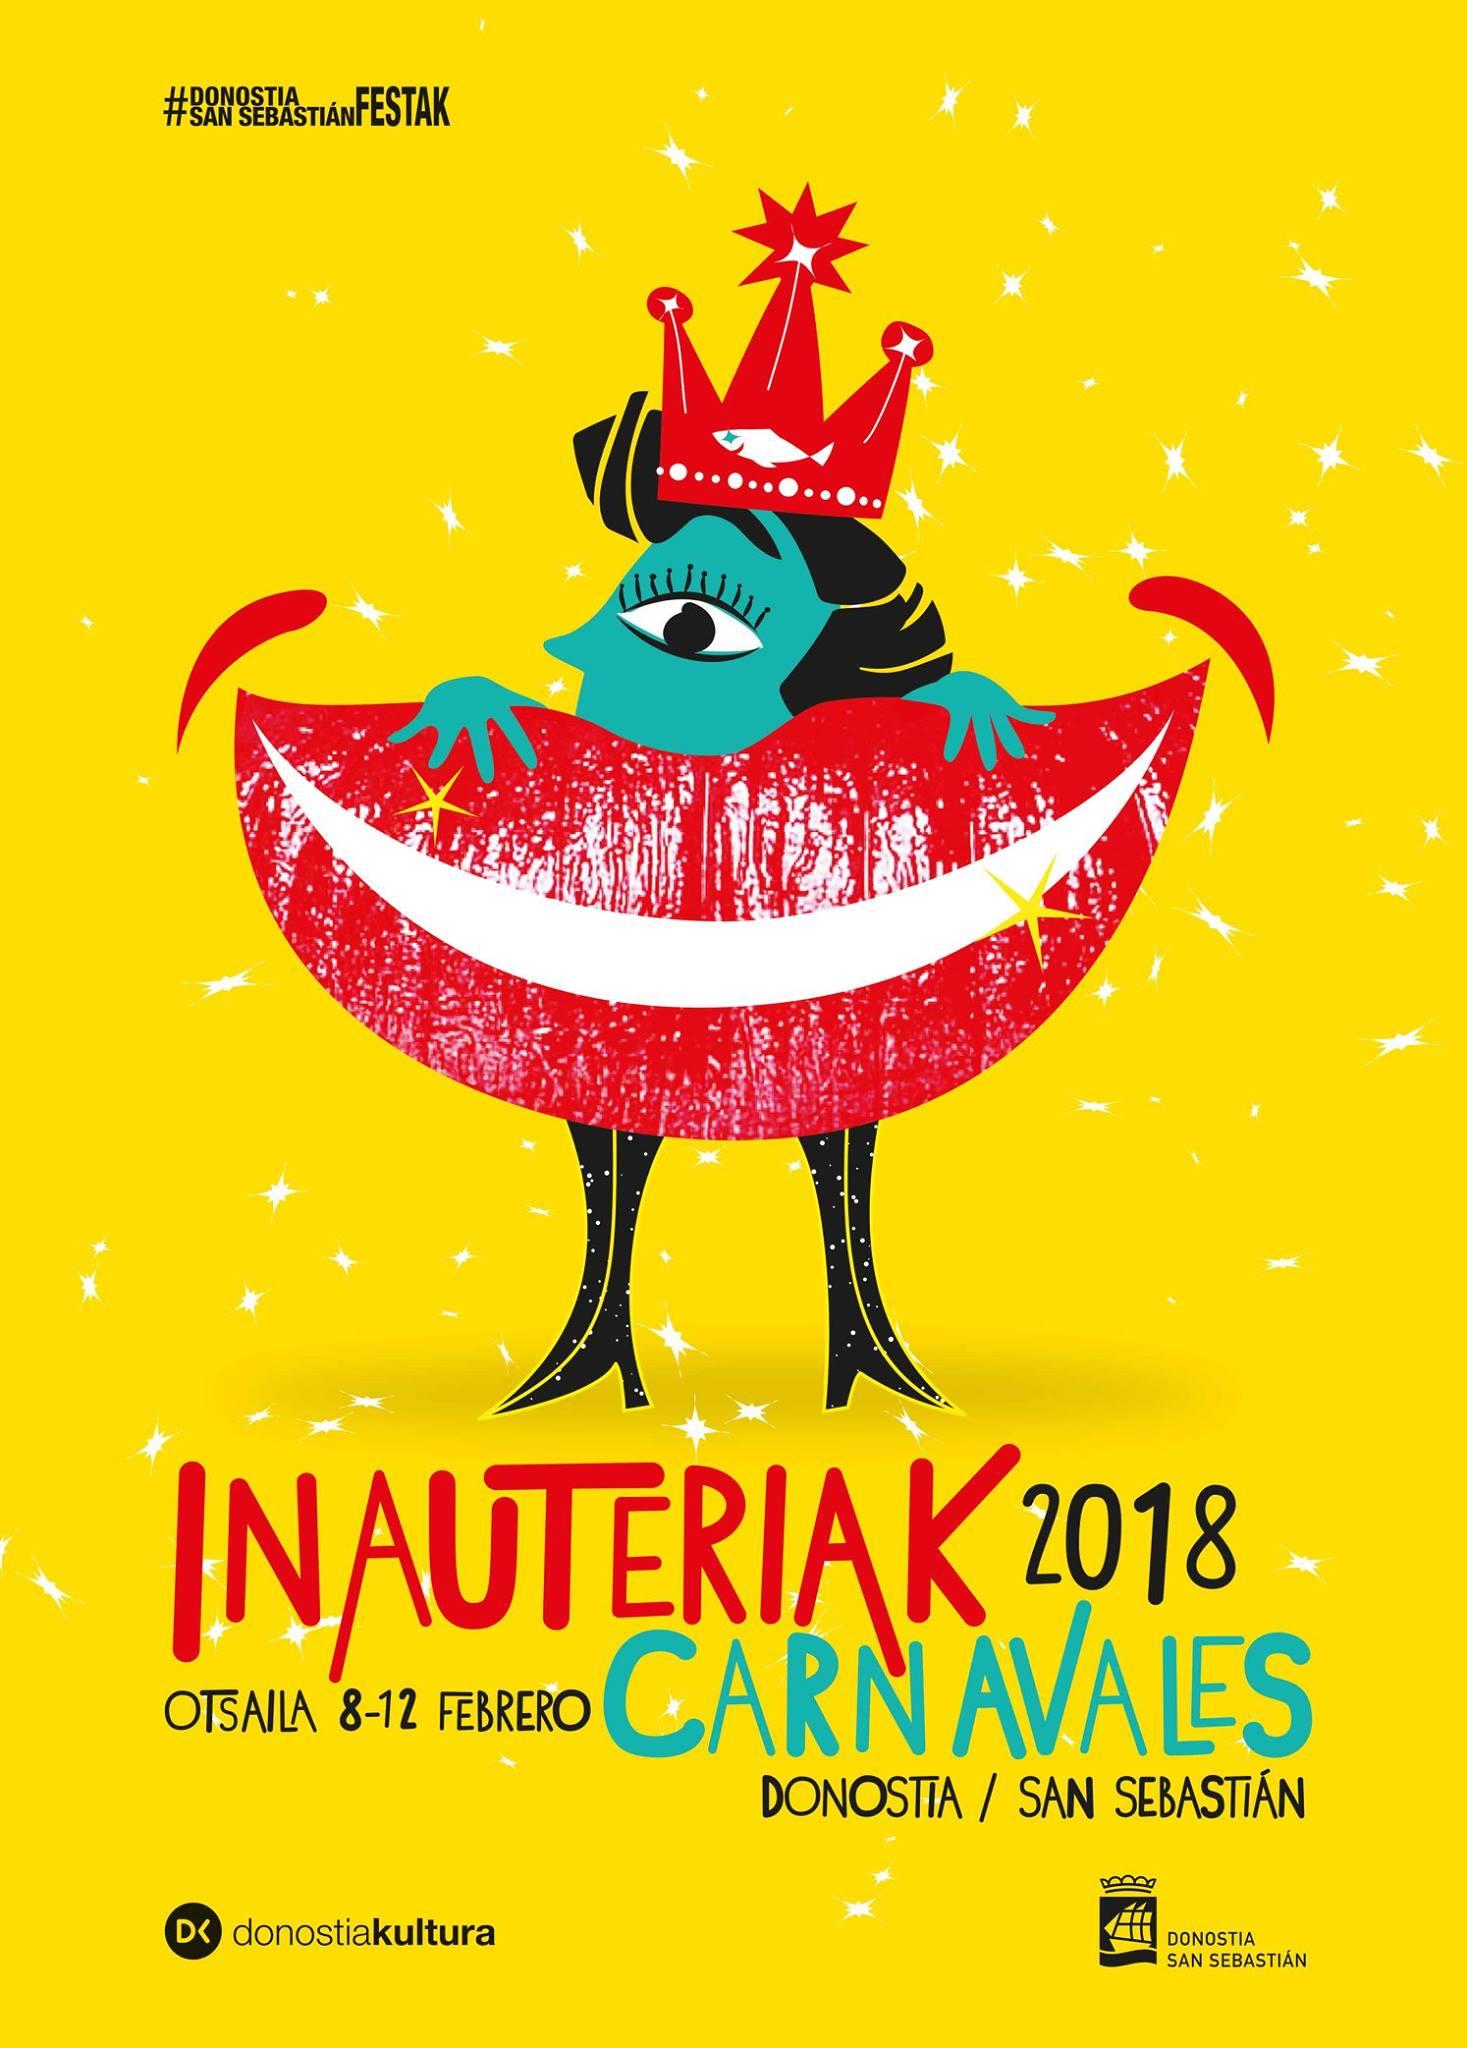 Donostiako Iñauteriak 2018